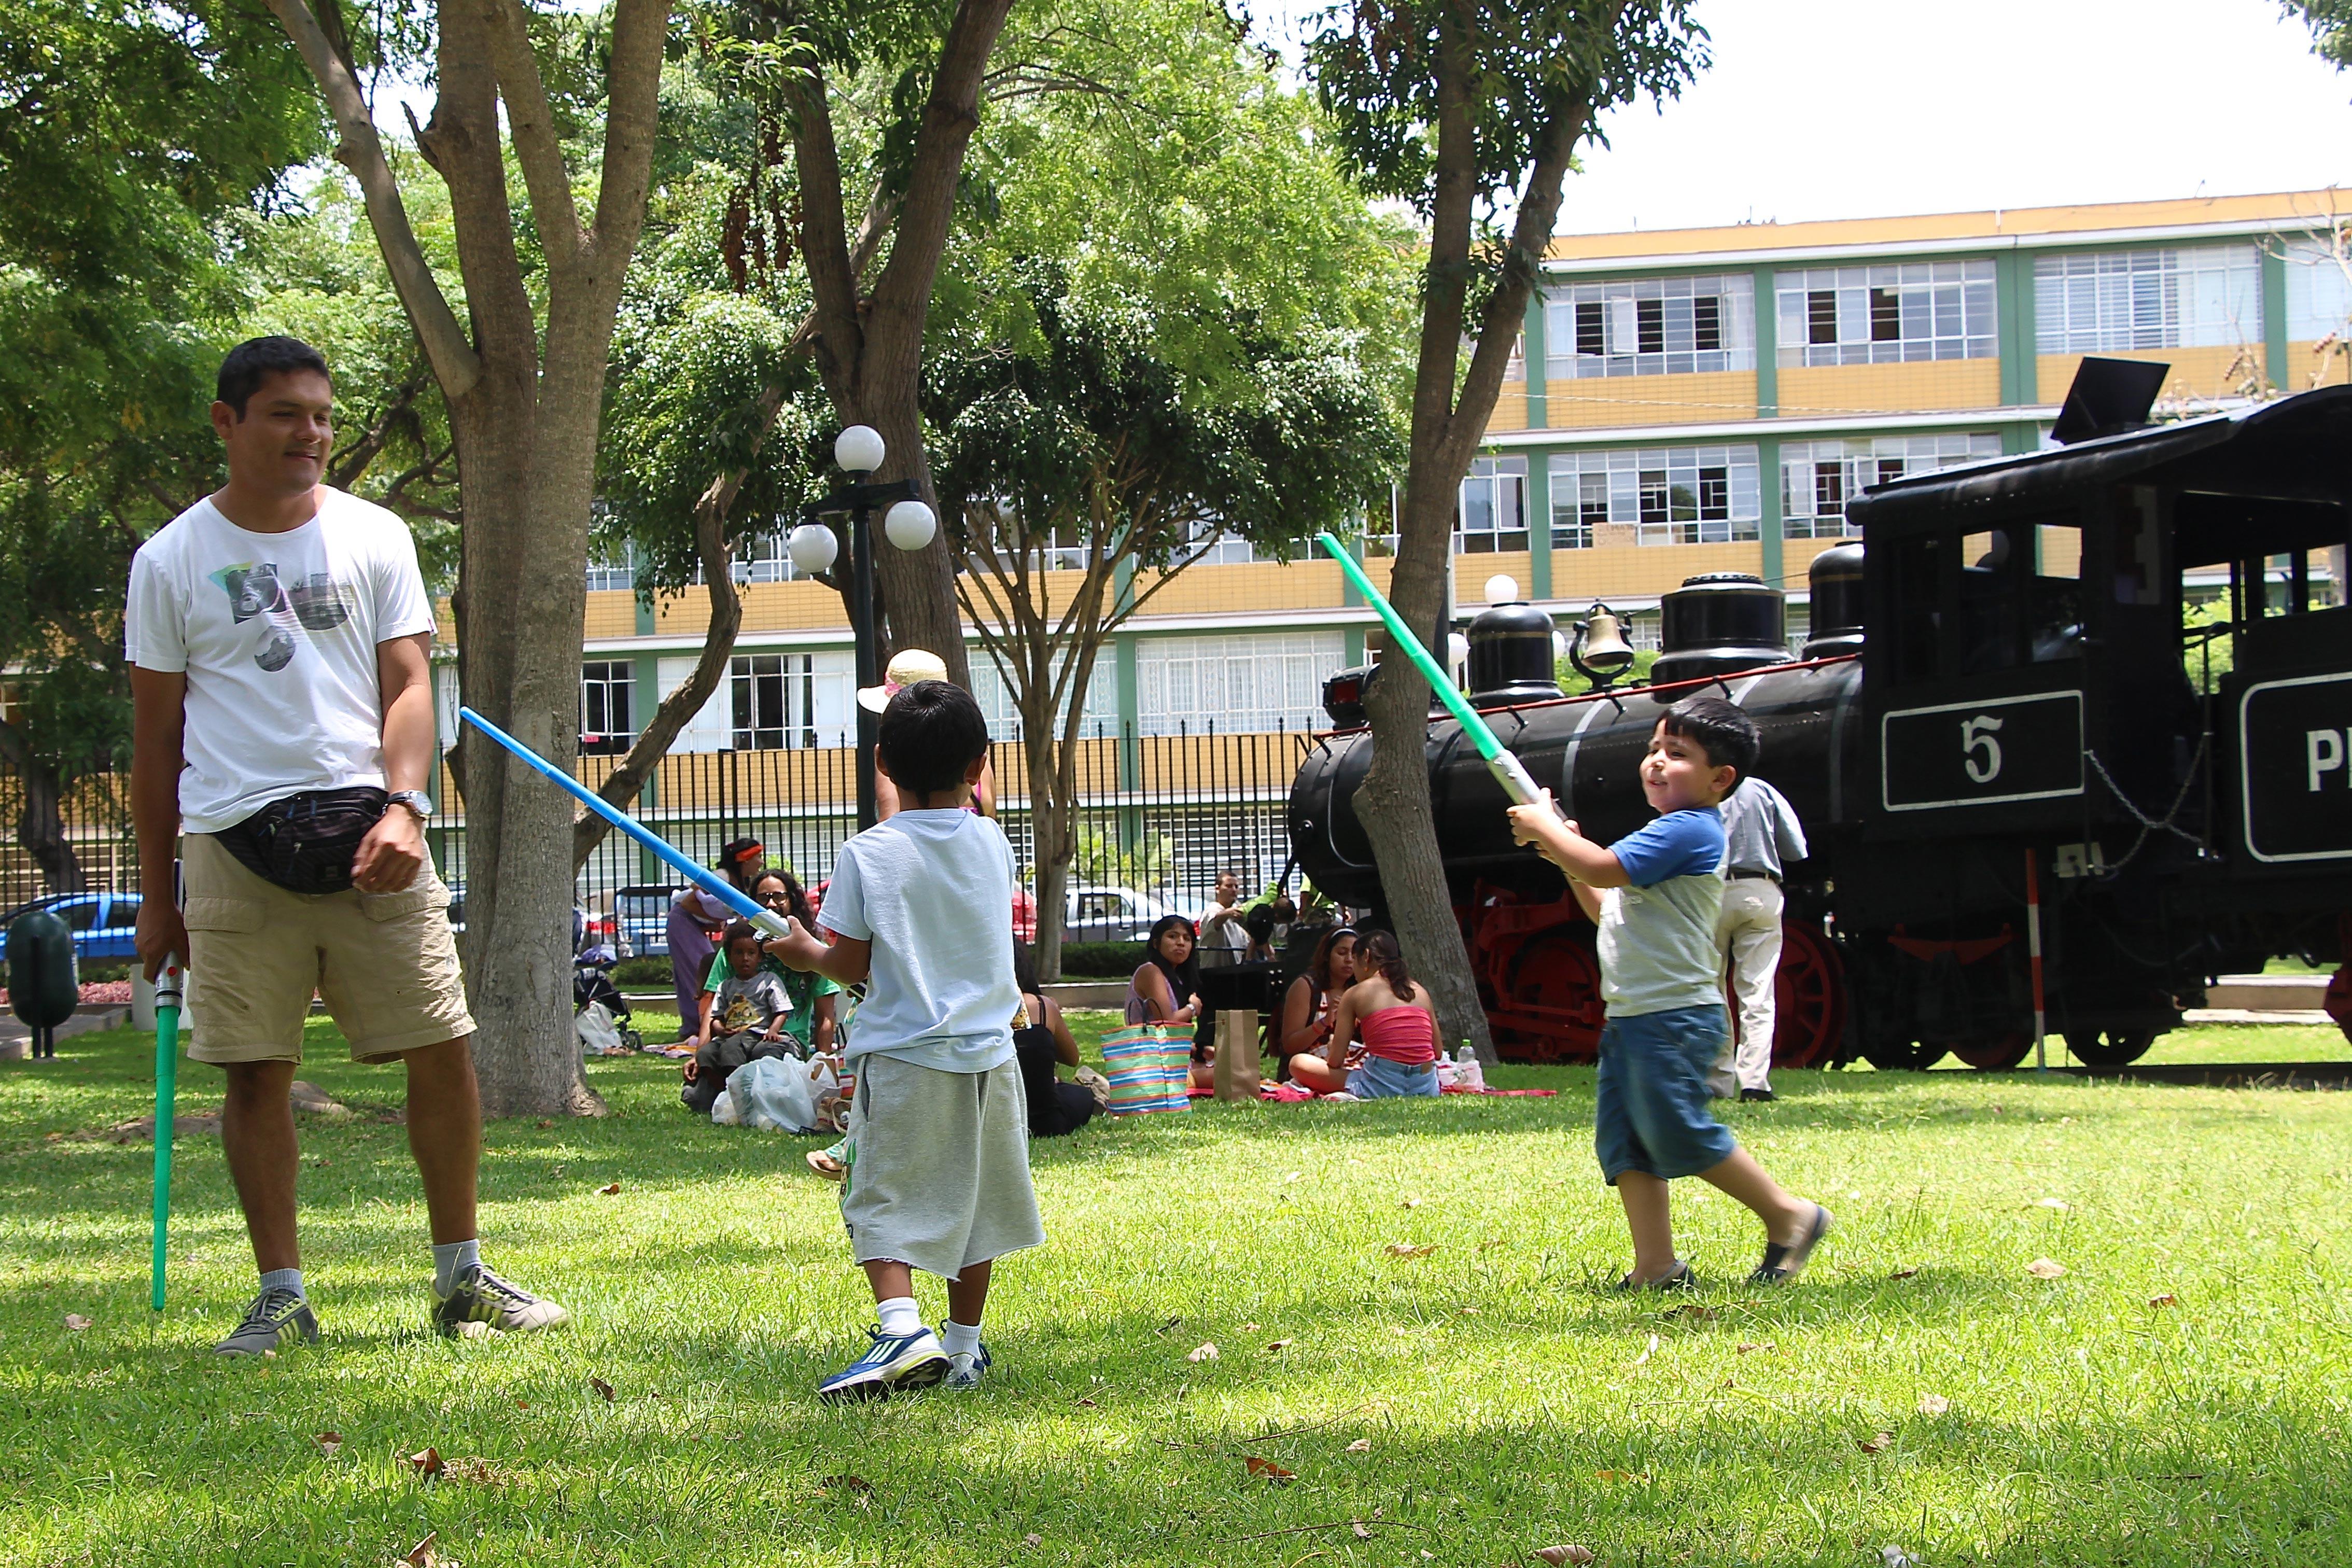 Crianças brincam no Parque Reducto em Lima